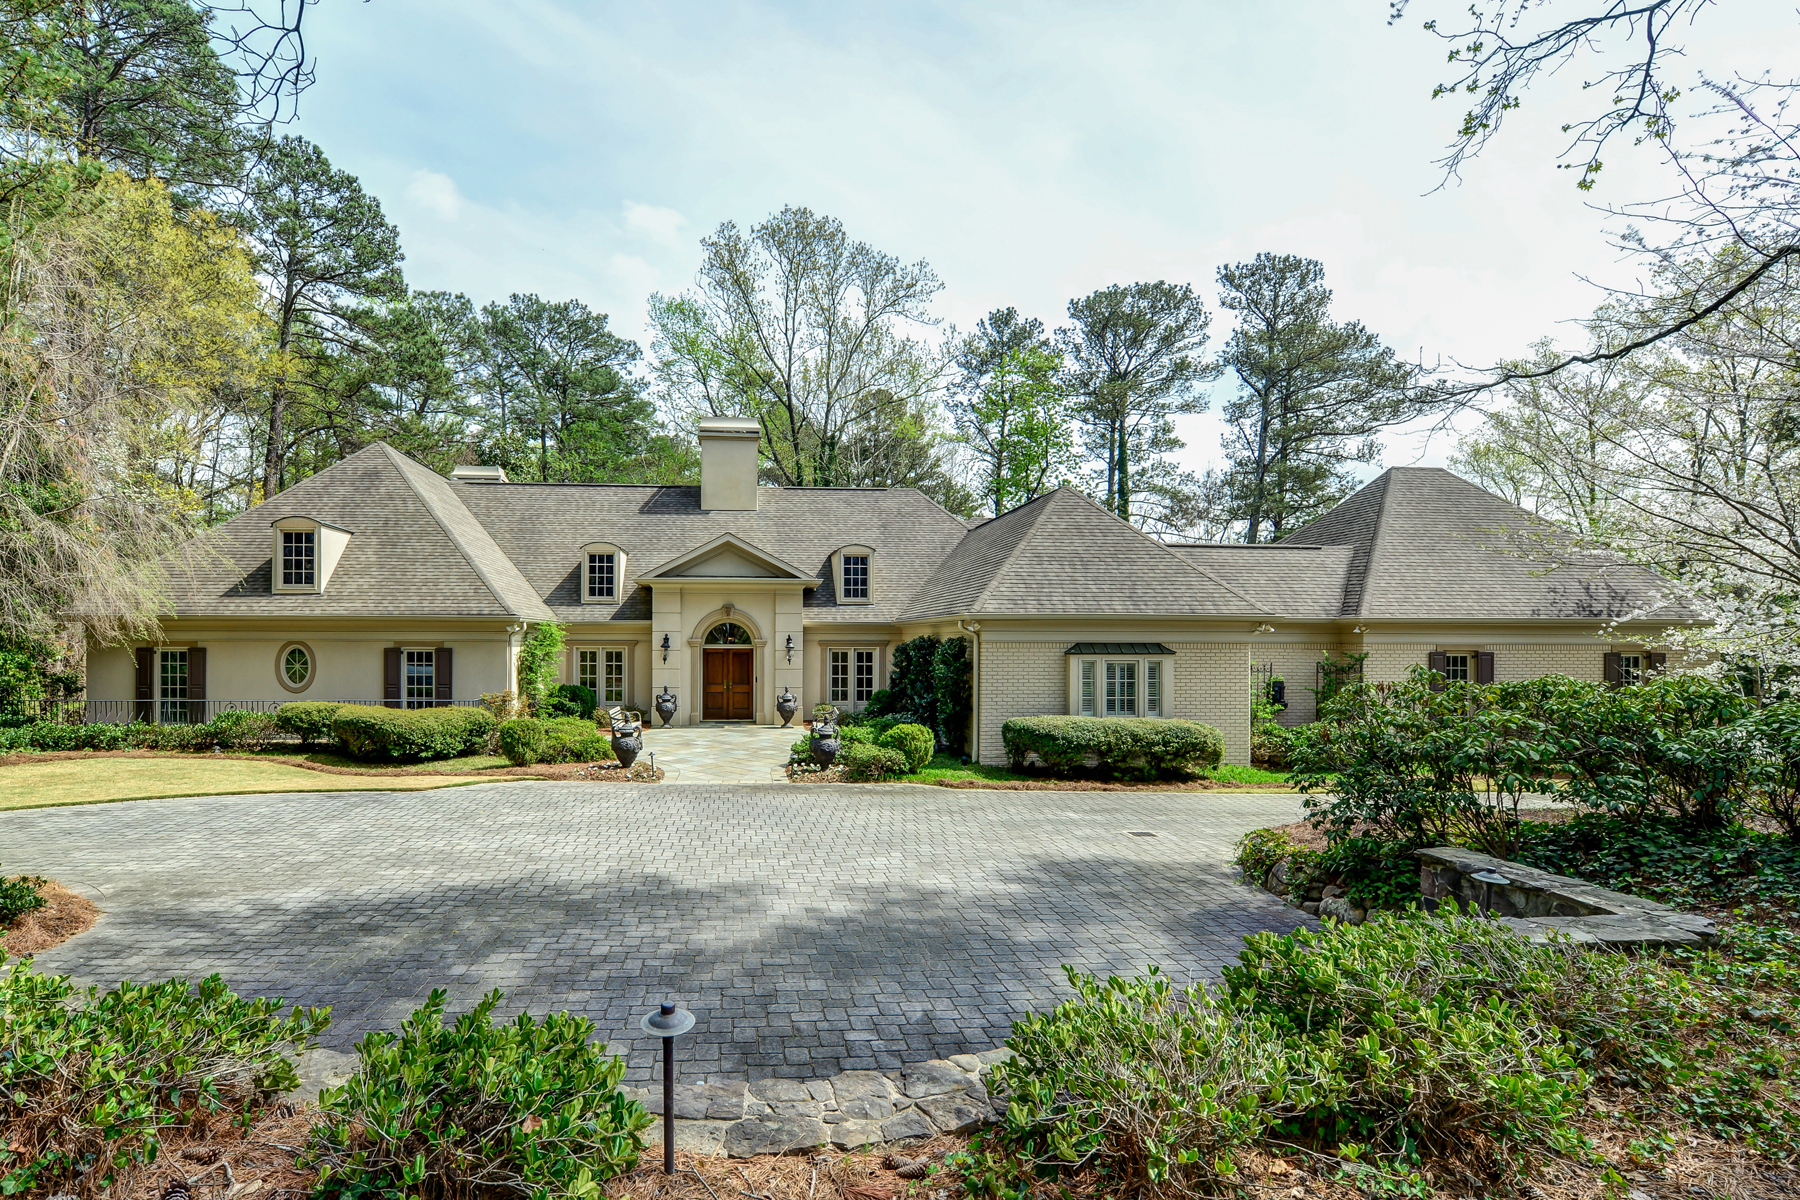 Частный односемейный дом для того Продажа на Two Acre Gated Estate In Buckhead 4505 Garmon Road Buckhead, Atlanta, Джорджия, 30327 Соединенные Штаты